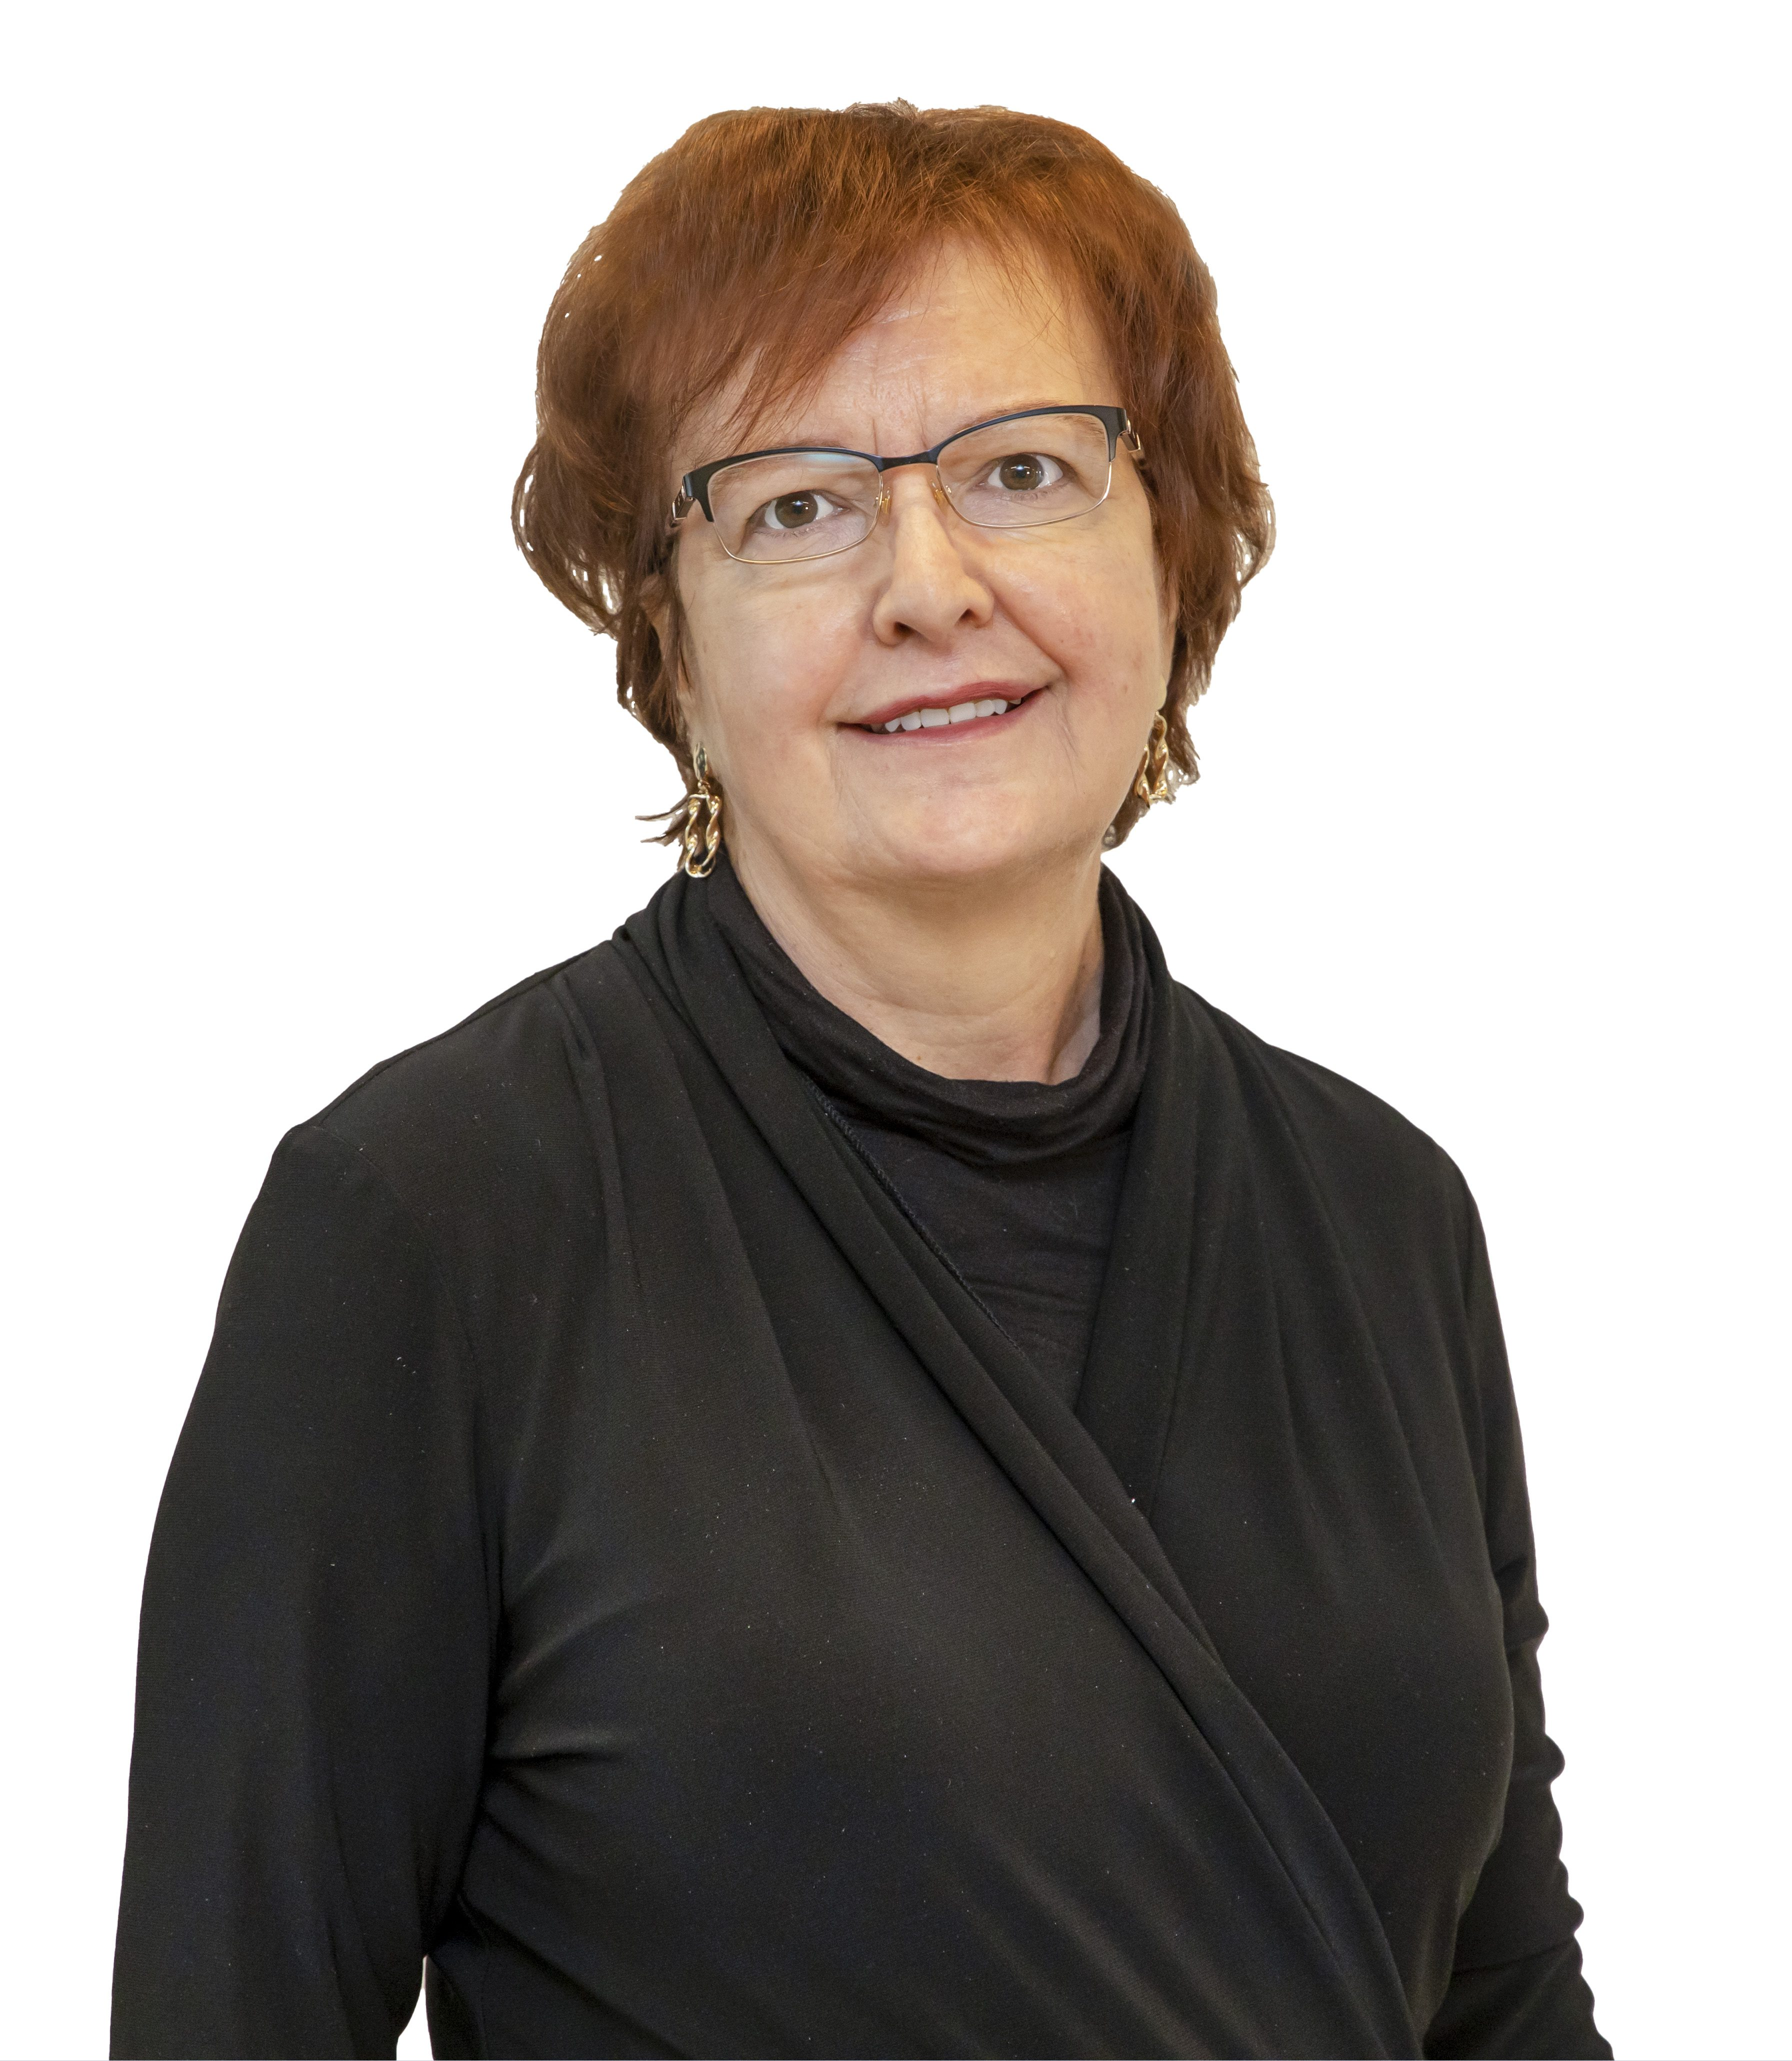 Guylaine St-Amour